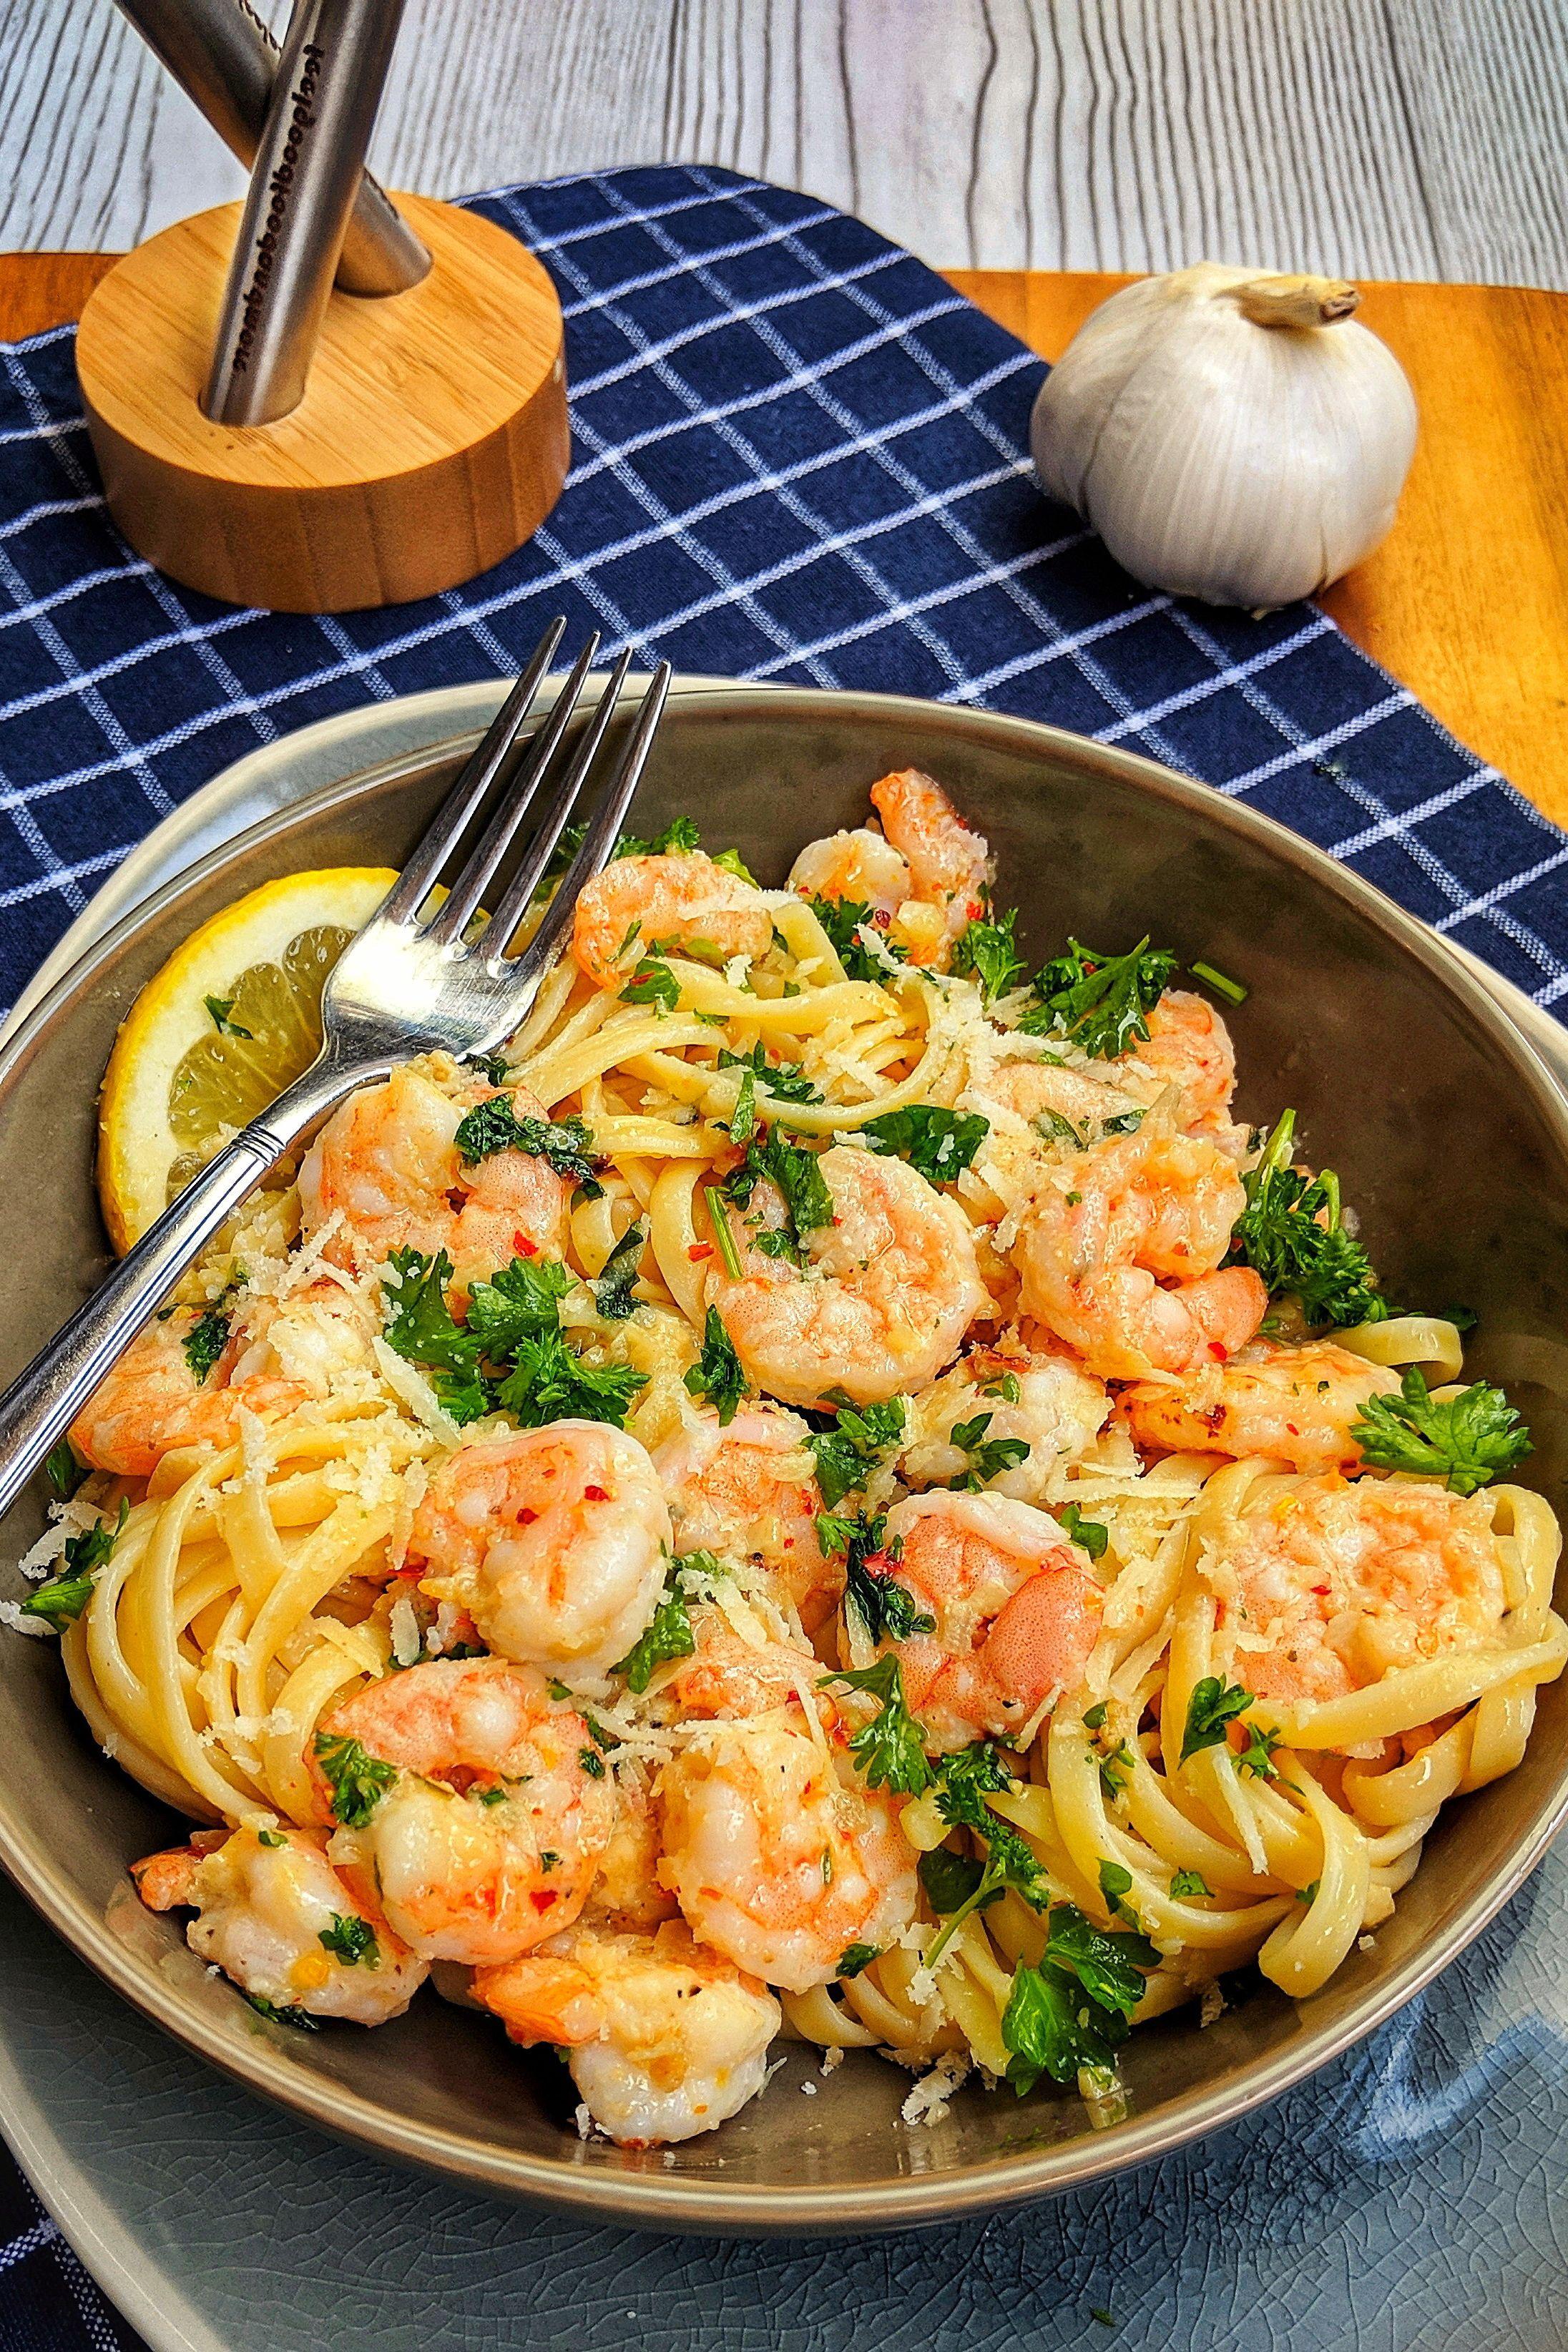 Knoblauch-Butter-Shrimp Pasta - Total lecker - Klick dich zum einfachen Rezept - instakoch.de